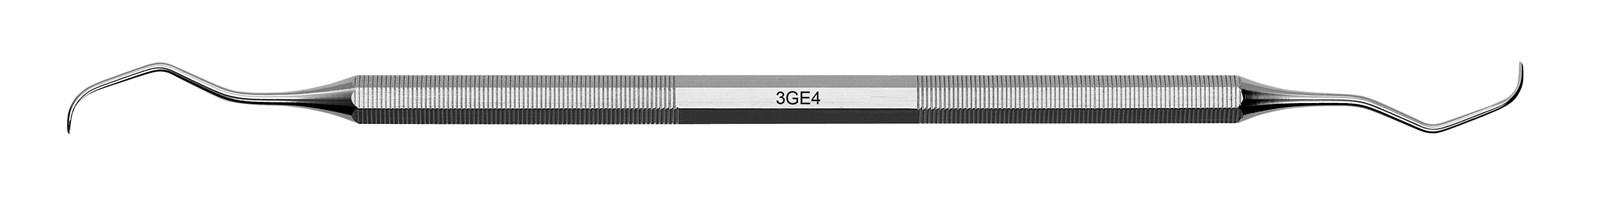 Kyreta Gracey Classic - 3GE4, ADEP silikonový návlek tmavě modrý